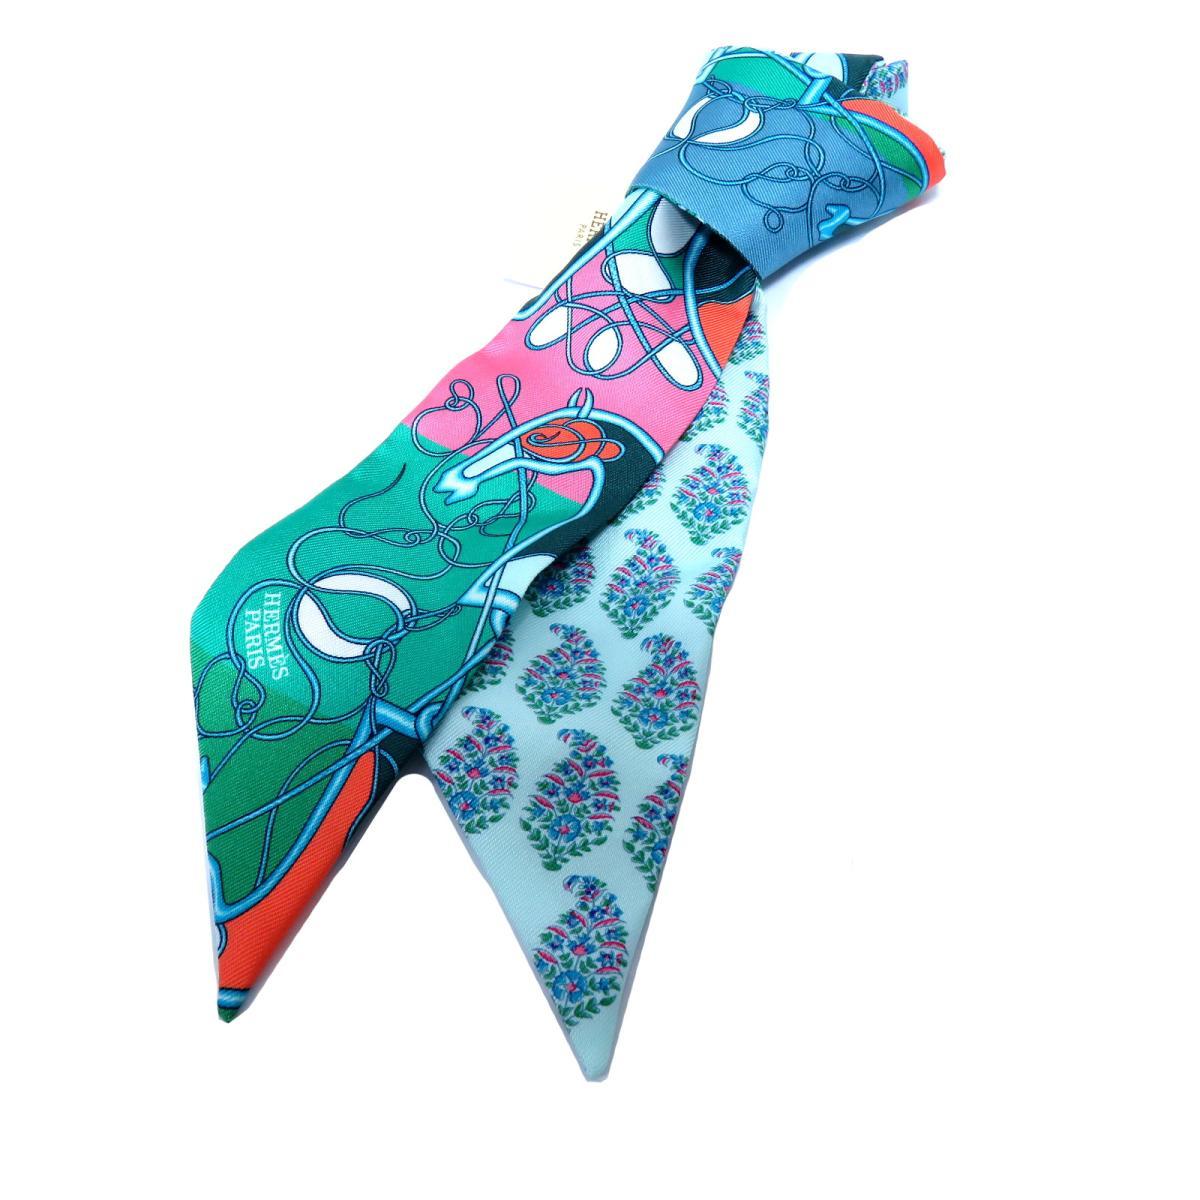 エルメス トゥイリー スカーフ レディース シルク VERT / BLEU / CORA | HERMES スカーフ ツイリー 新品 ブランドオフ